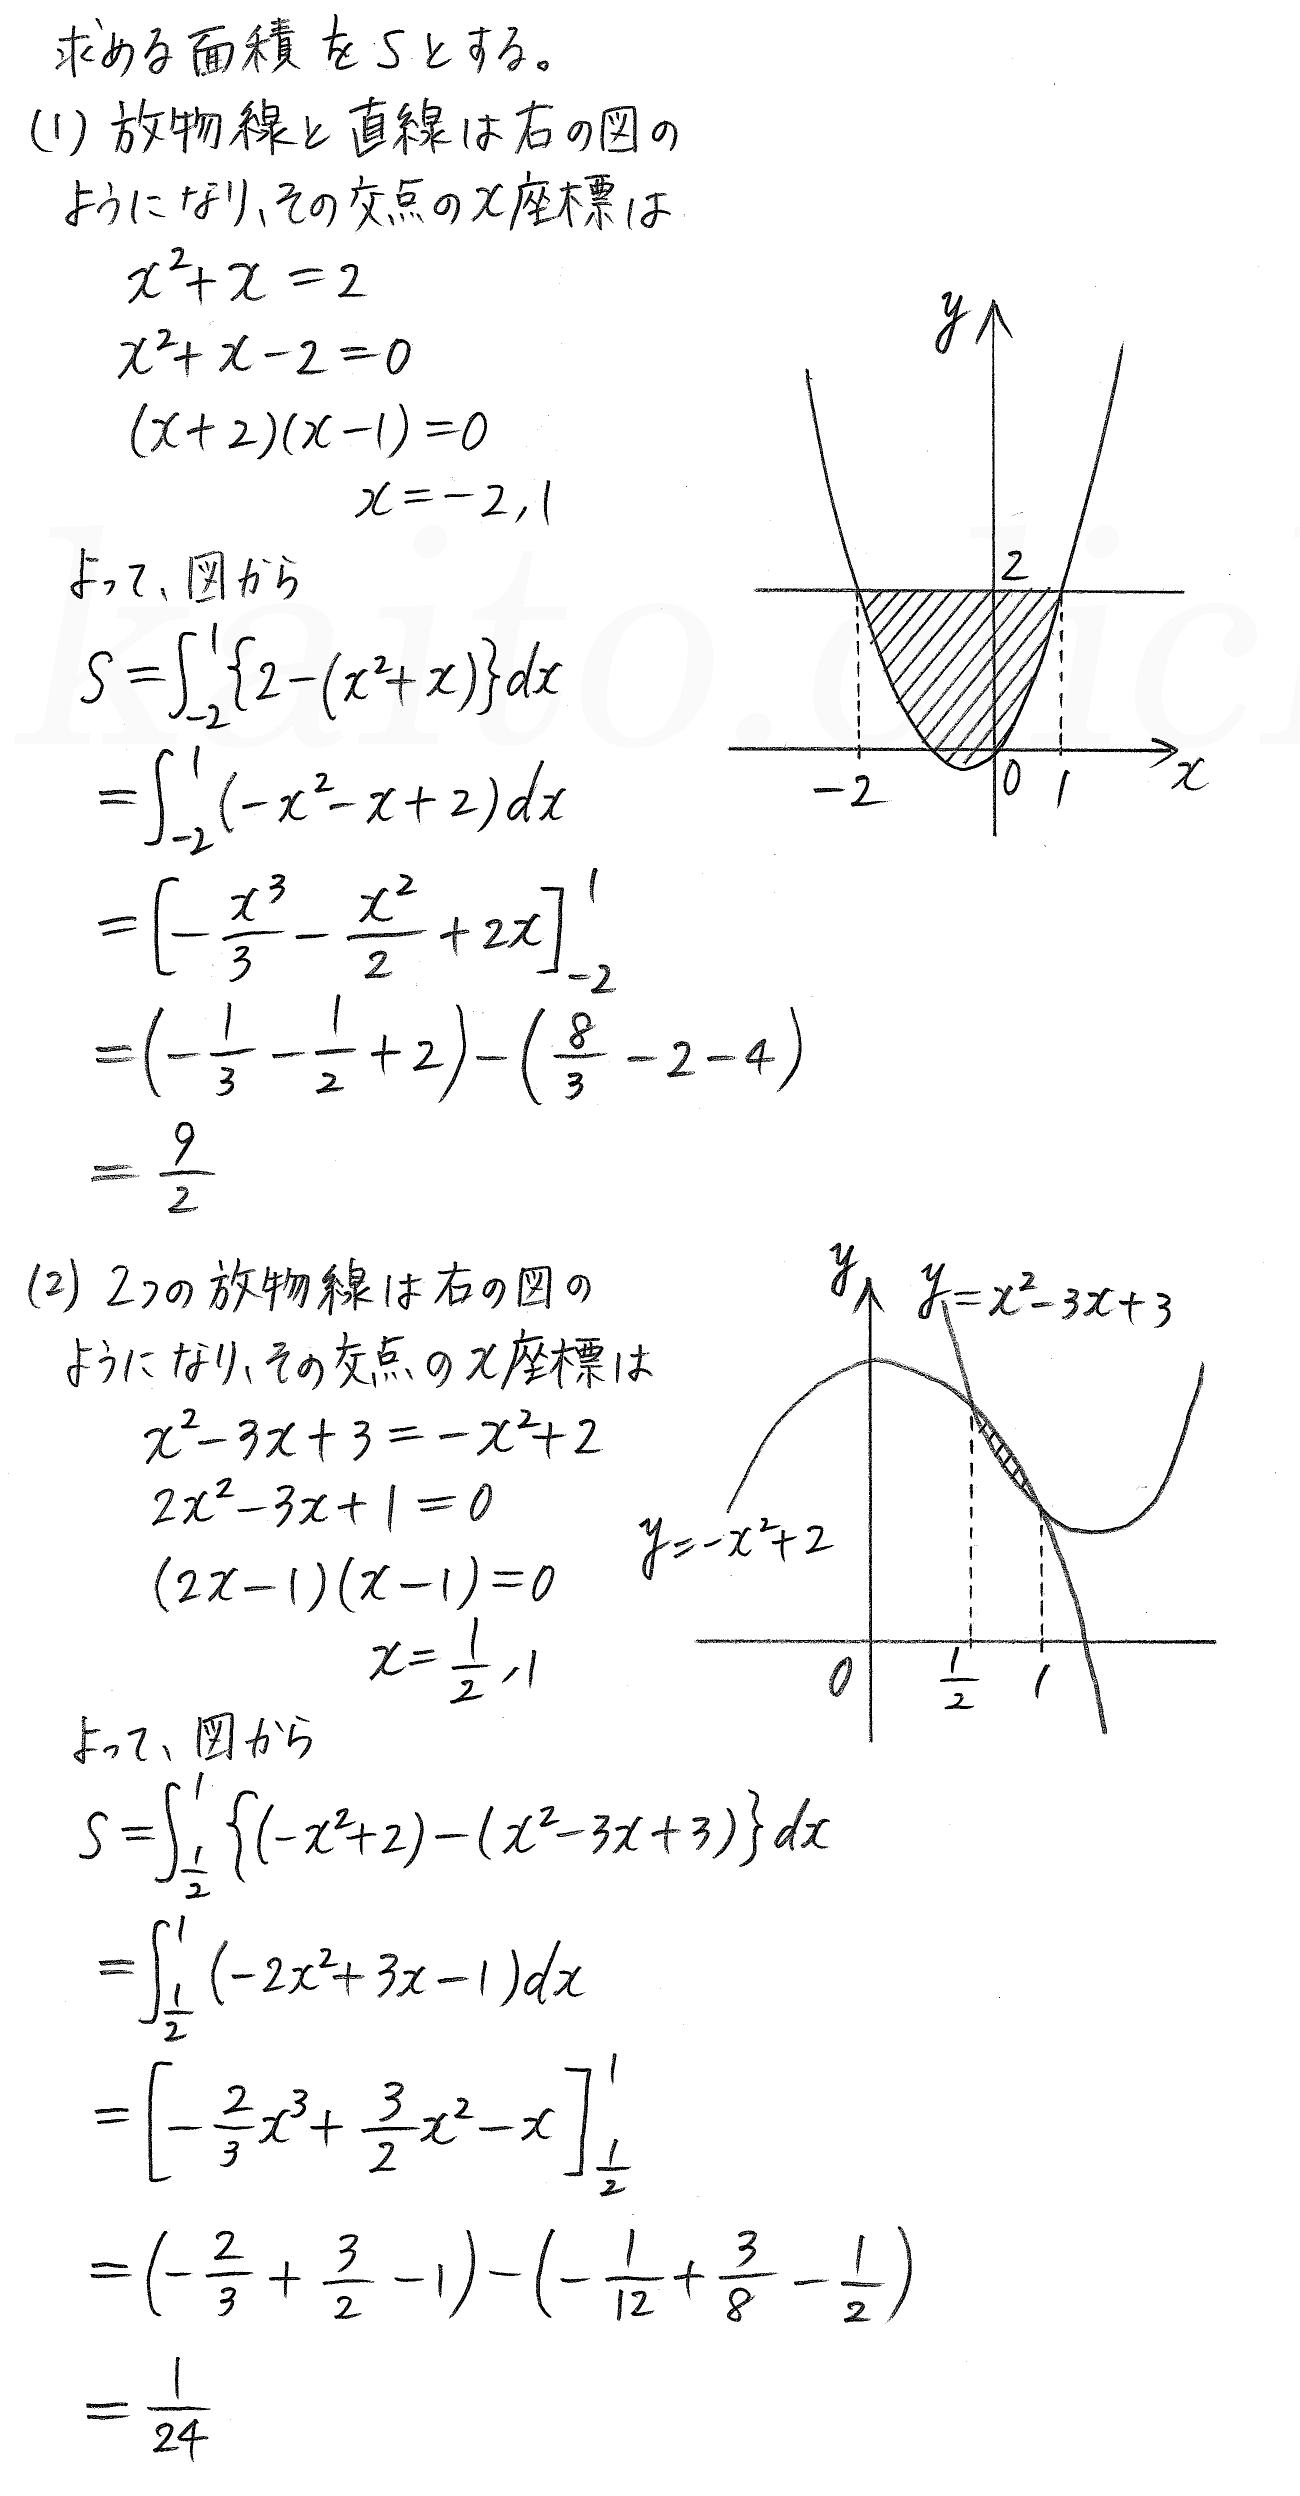 クリアー数学2-475解答